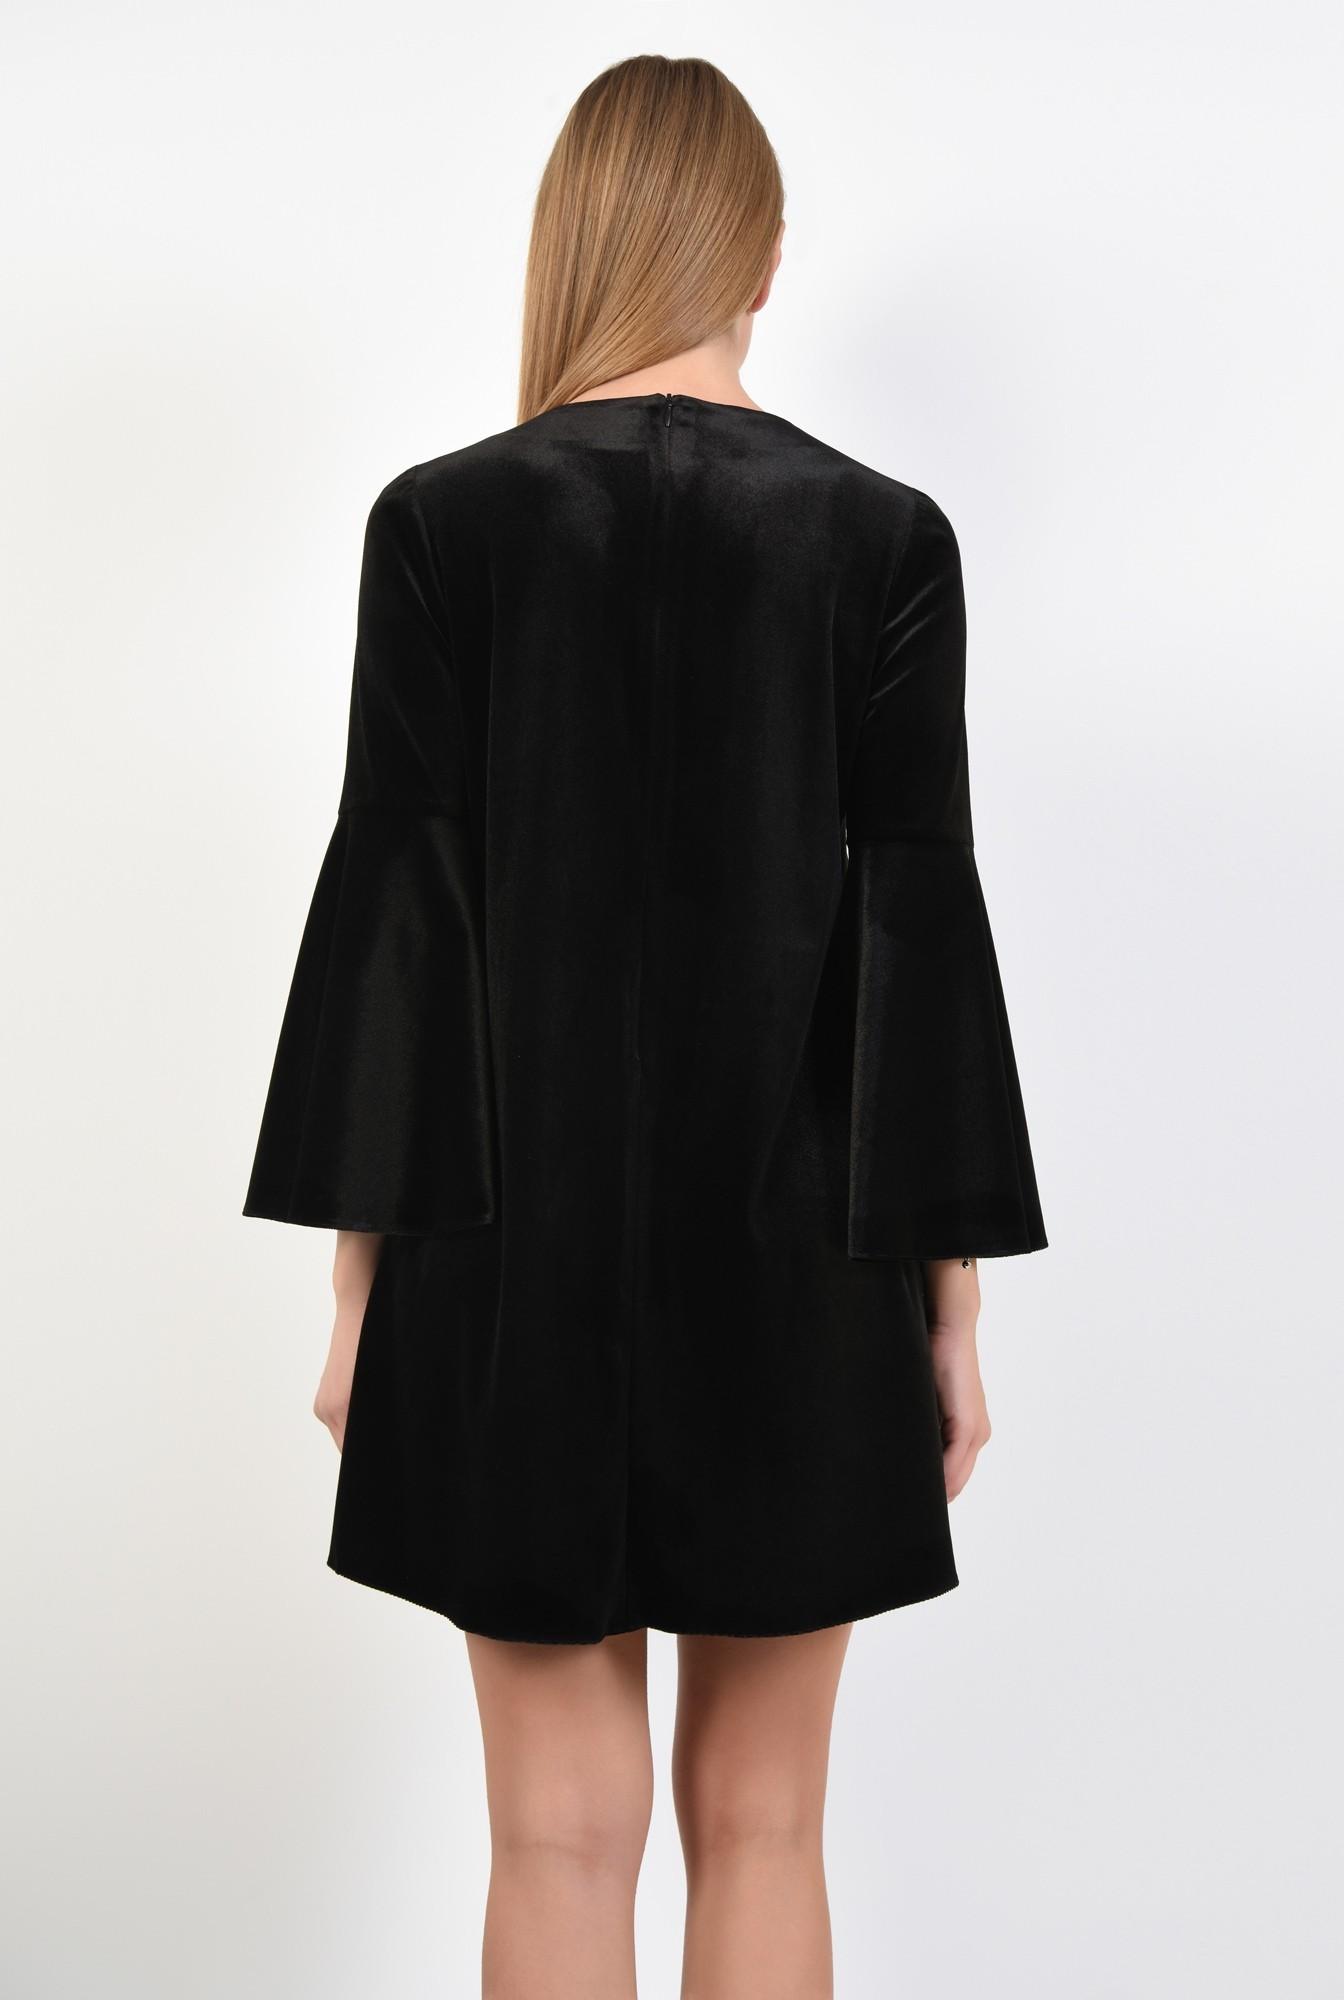 1 - rochie de ocazie, mini, din catifea, cu funda din paiete, croi evazat